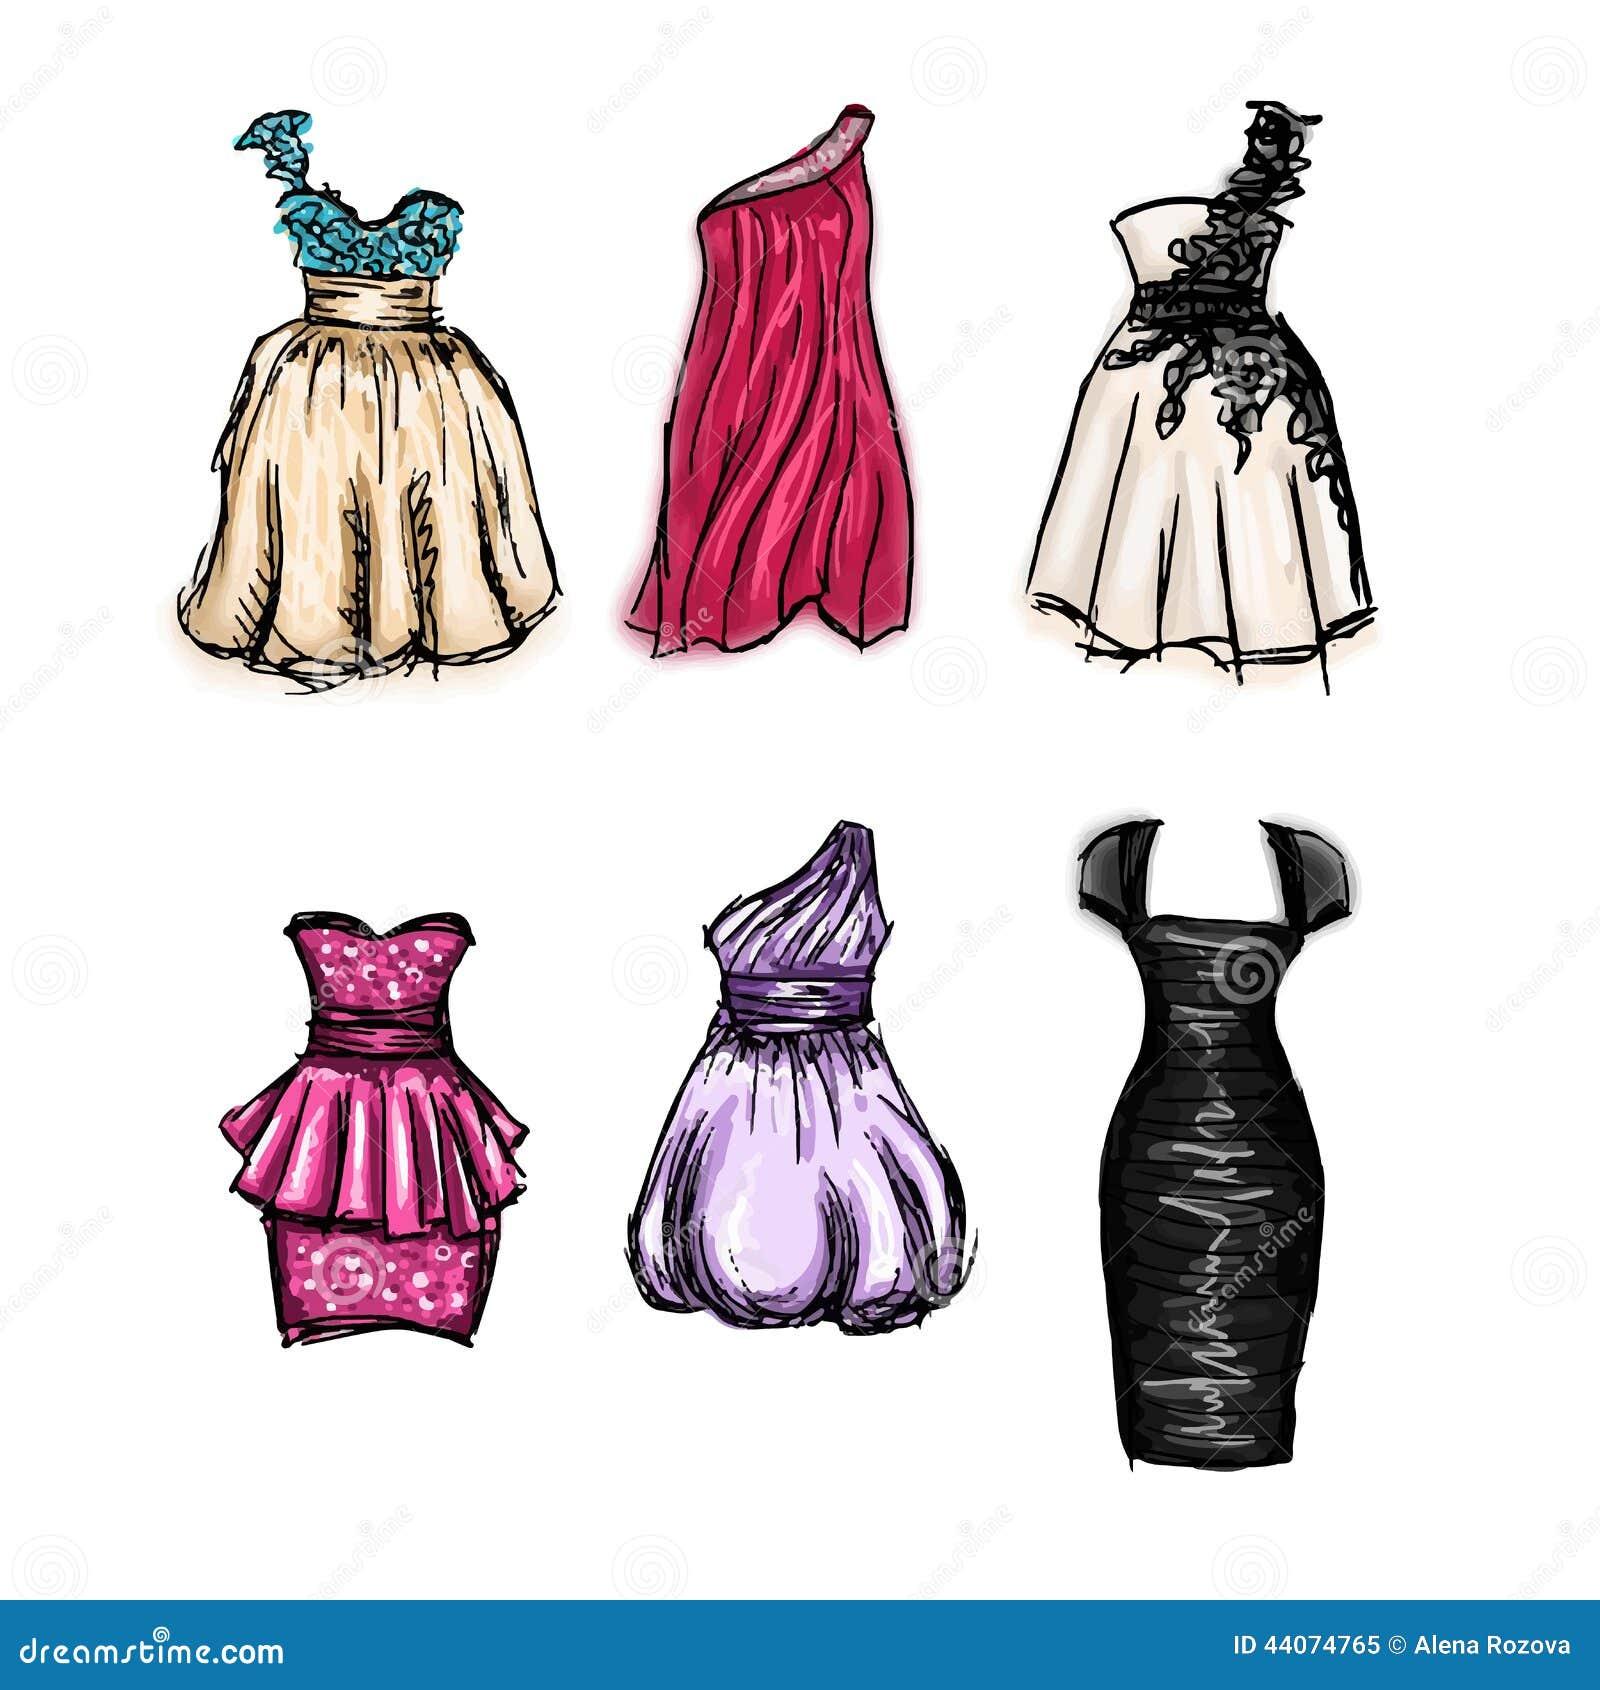 Фото как нарисовать платье карандашом